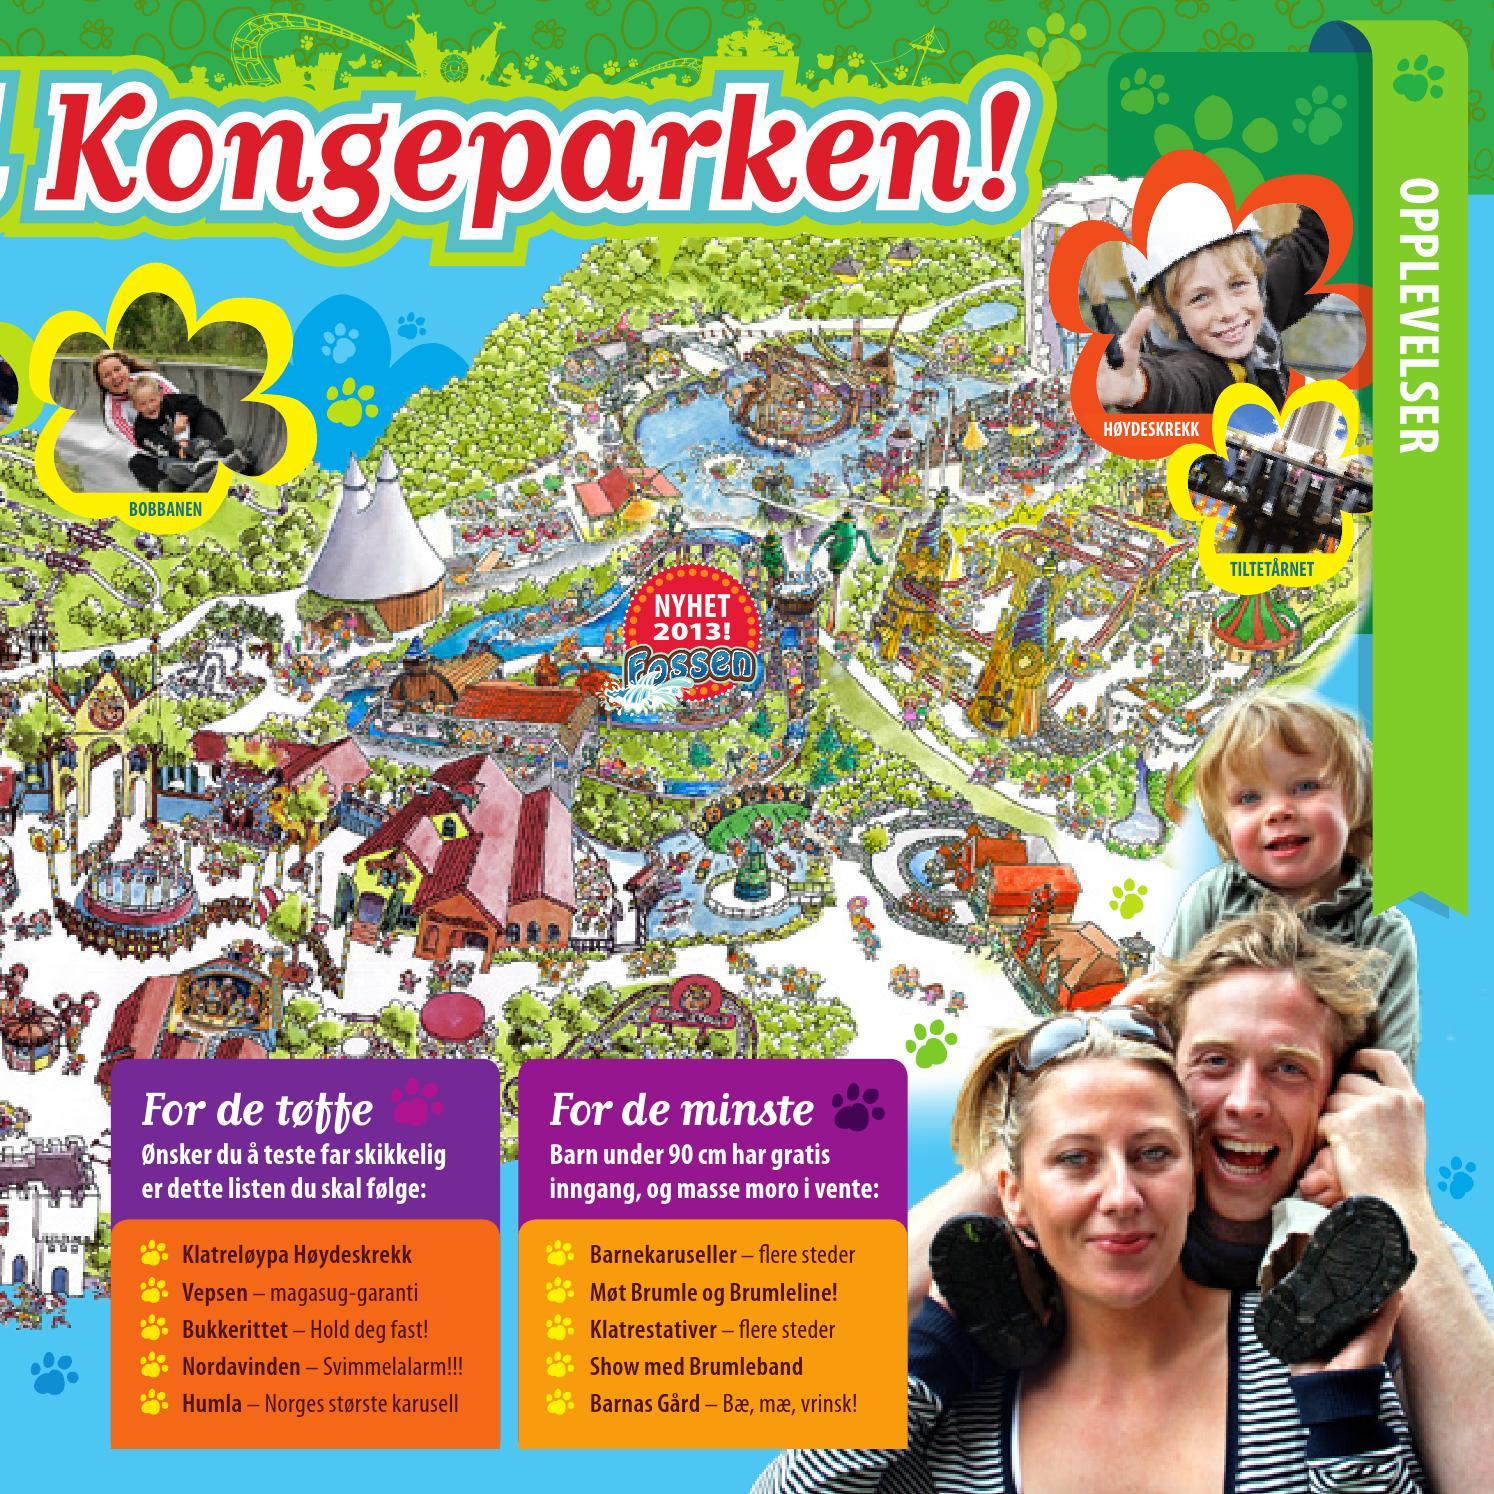 kart kongeparken Kongeparken brosjyre 2013 by Kongeparken   issuu kart kongeparken